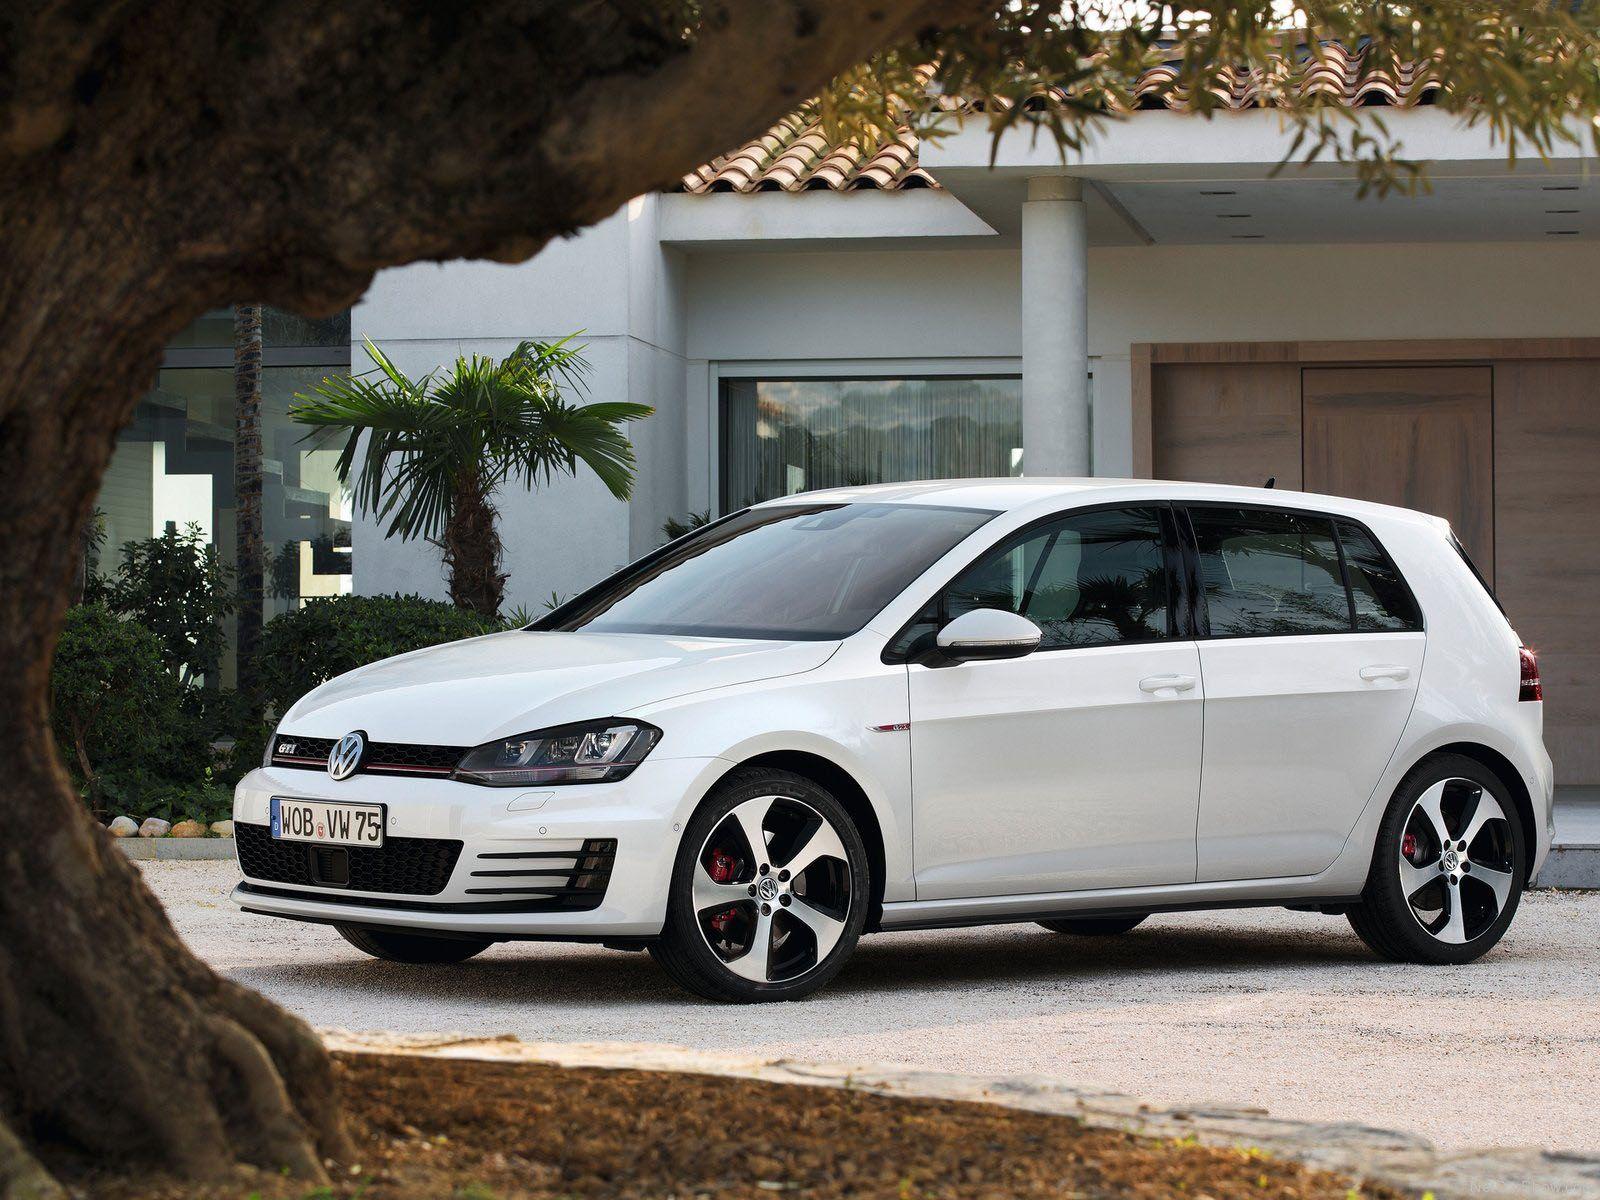 Carro Novo Volkswagen Golf Gti 2014 フォルクスワーゲンゴルフ